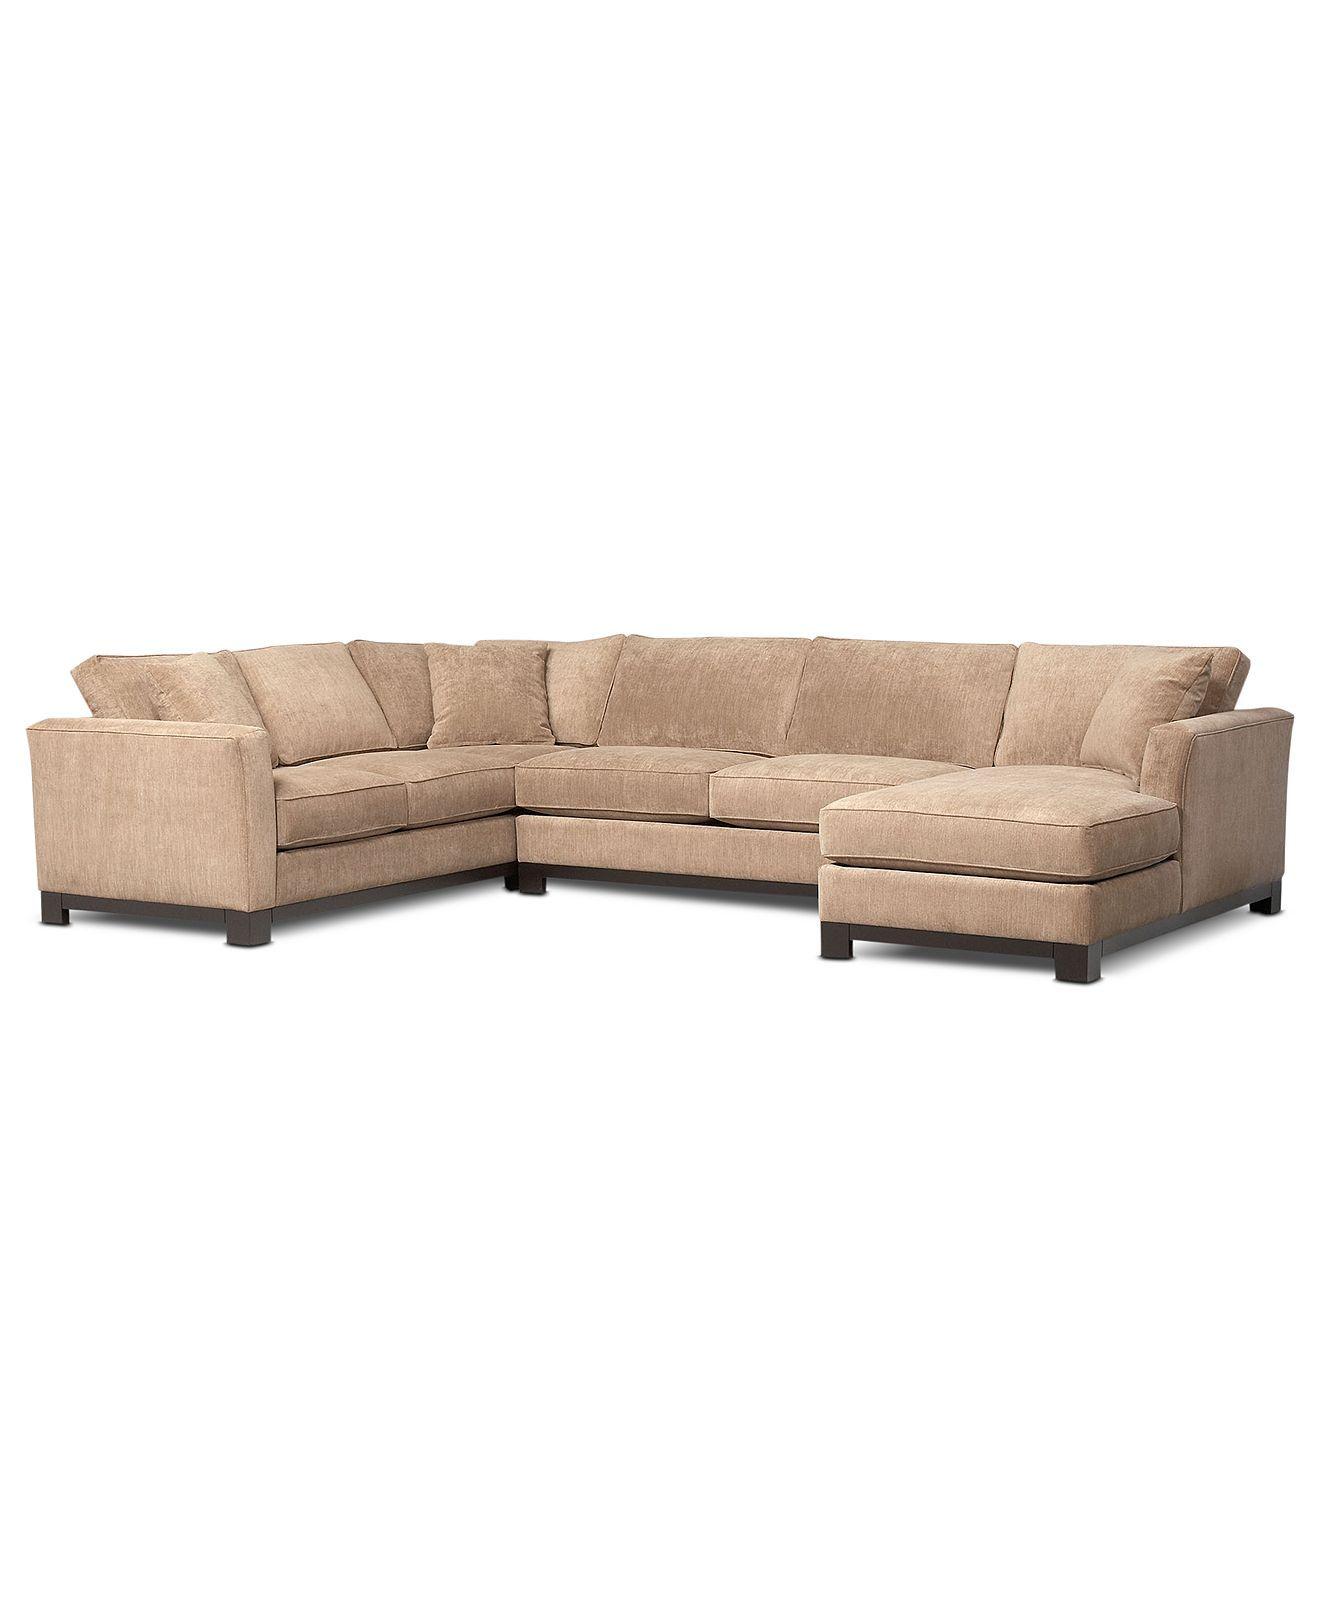 """$1800 Kenton Fabric Sectional Sofa 3 Piece 138""""W x 94""""D x 33""""H"""